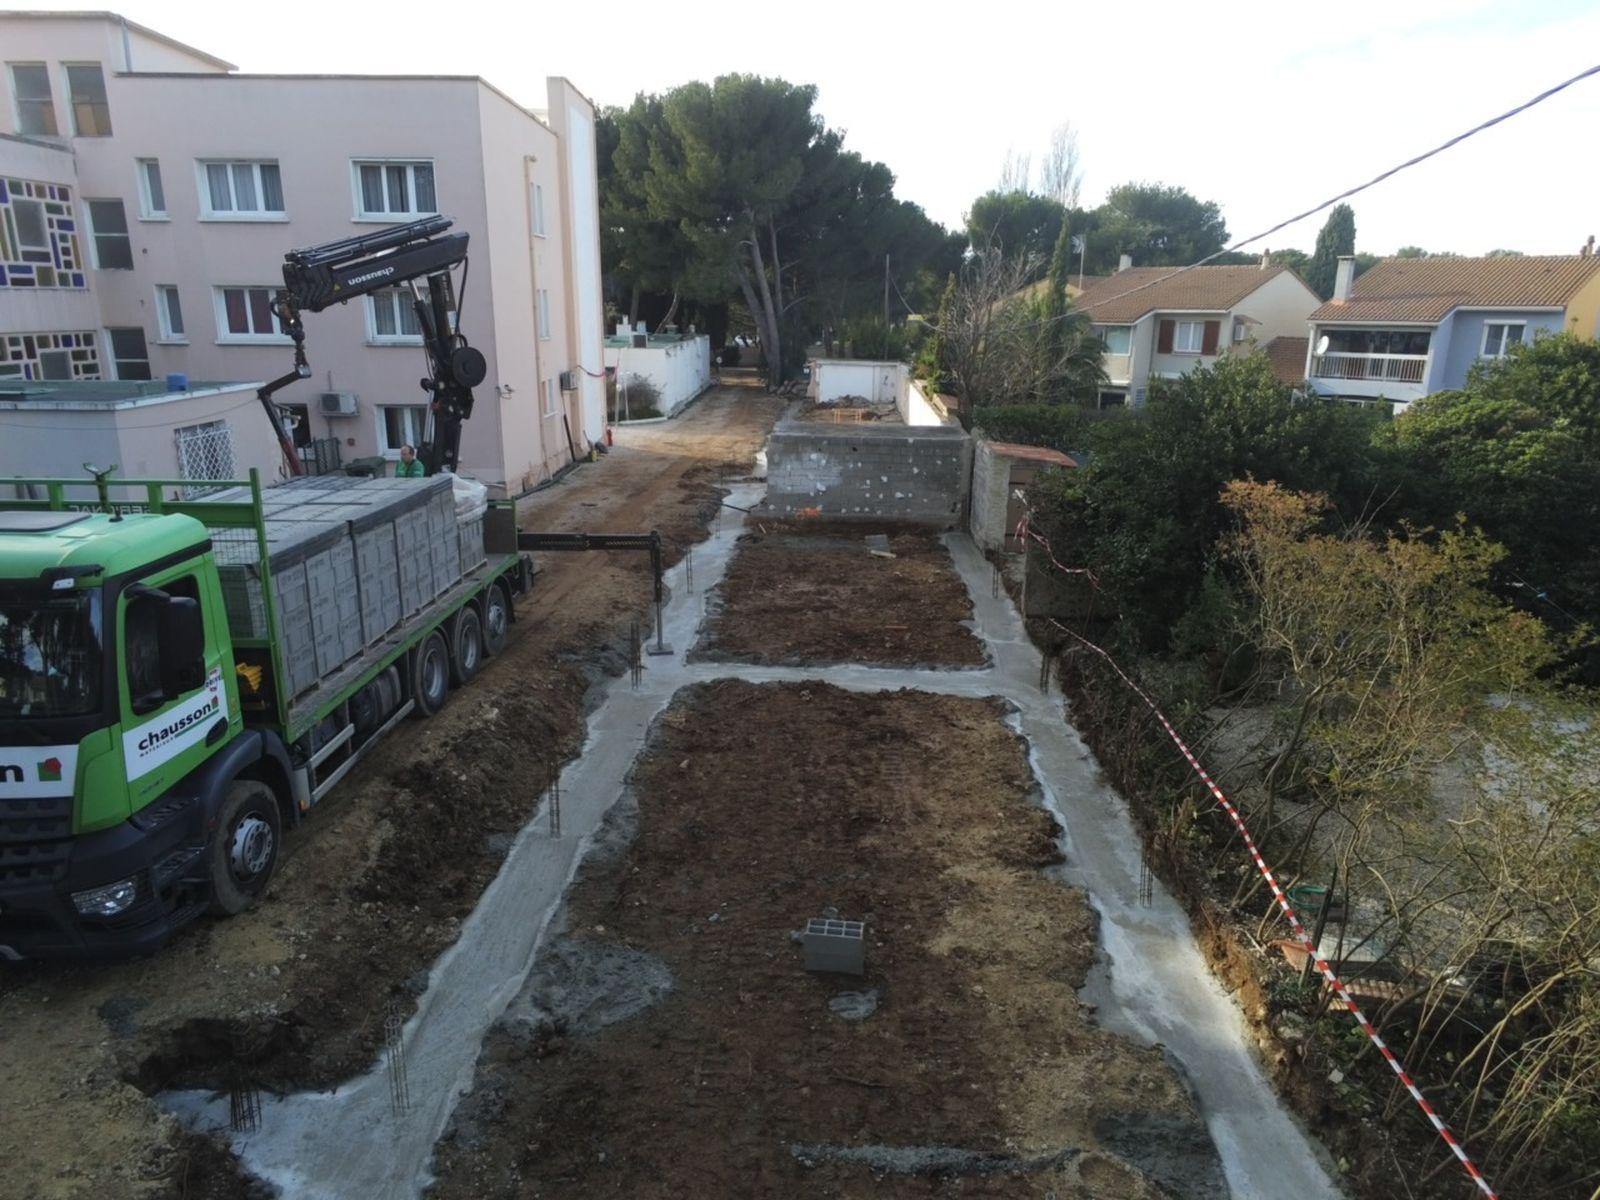 Entreprise De Maçonnerie Aix En Provence construction d'hôtel à istres près de salon | maçonnerie cel